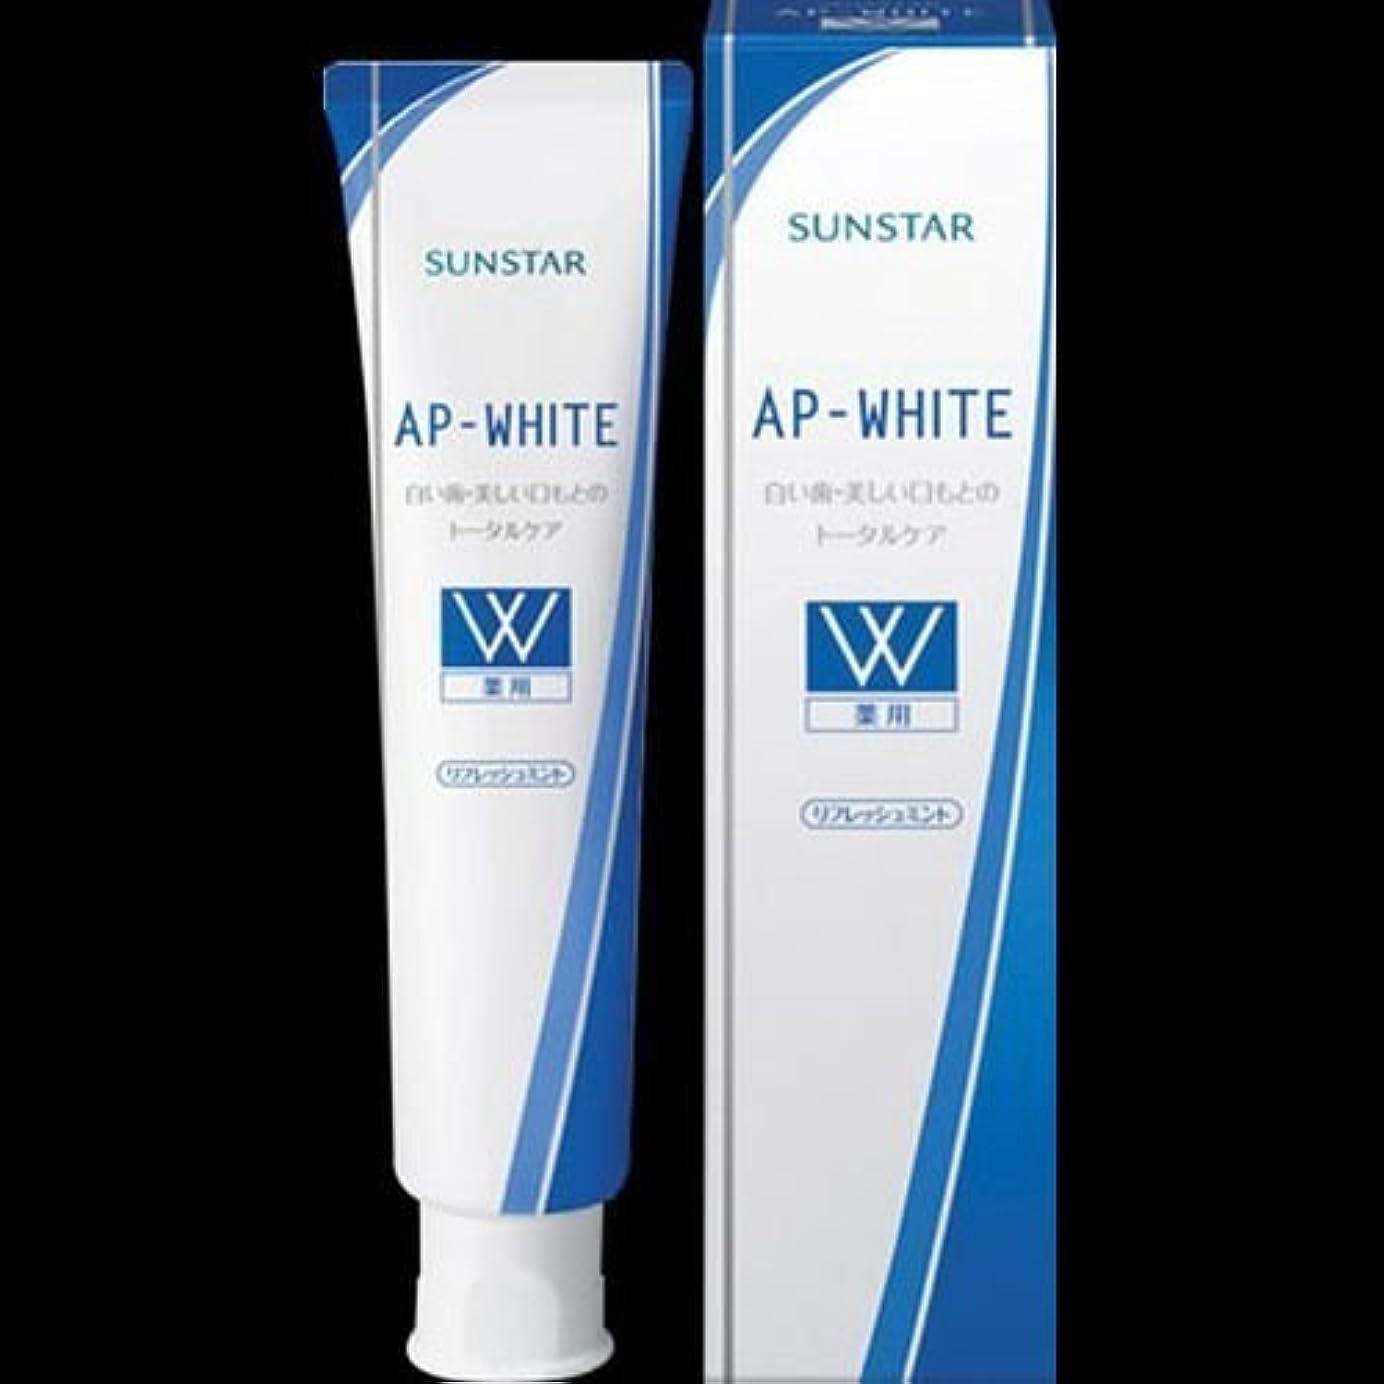 文明化特徴気になる【まとめ買い】薬用APホワイトペースト リフレッシュミント 110g ×2セット